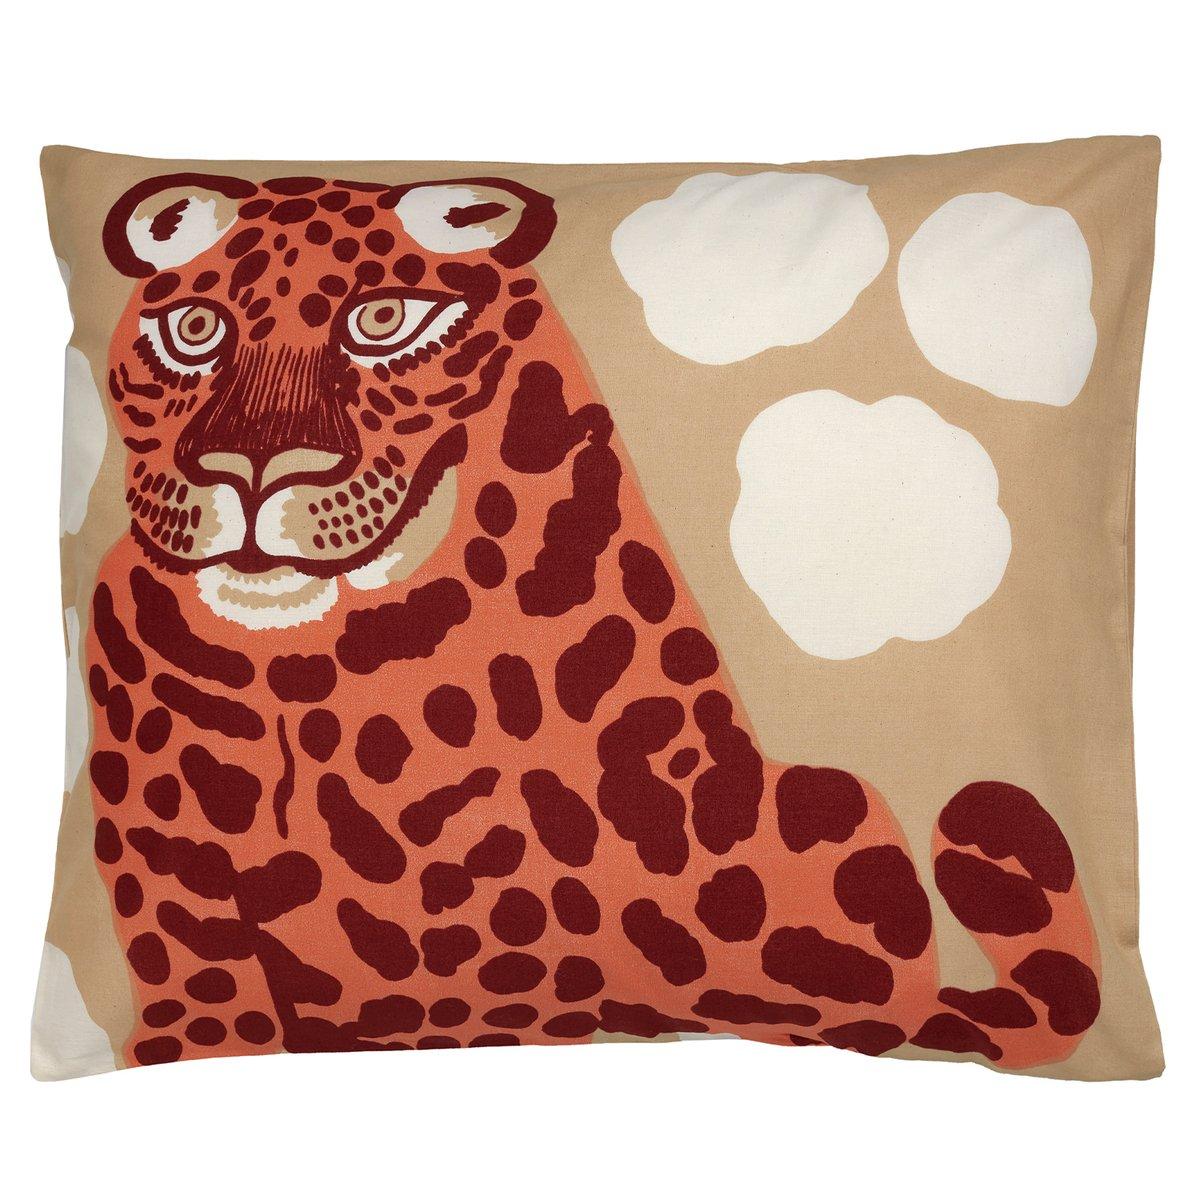 Marimekko Kaksoset Pillowcase, 50 X 60 Cm, Beige - Burgundy - Orange